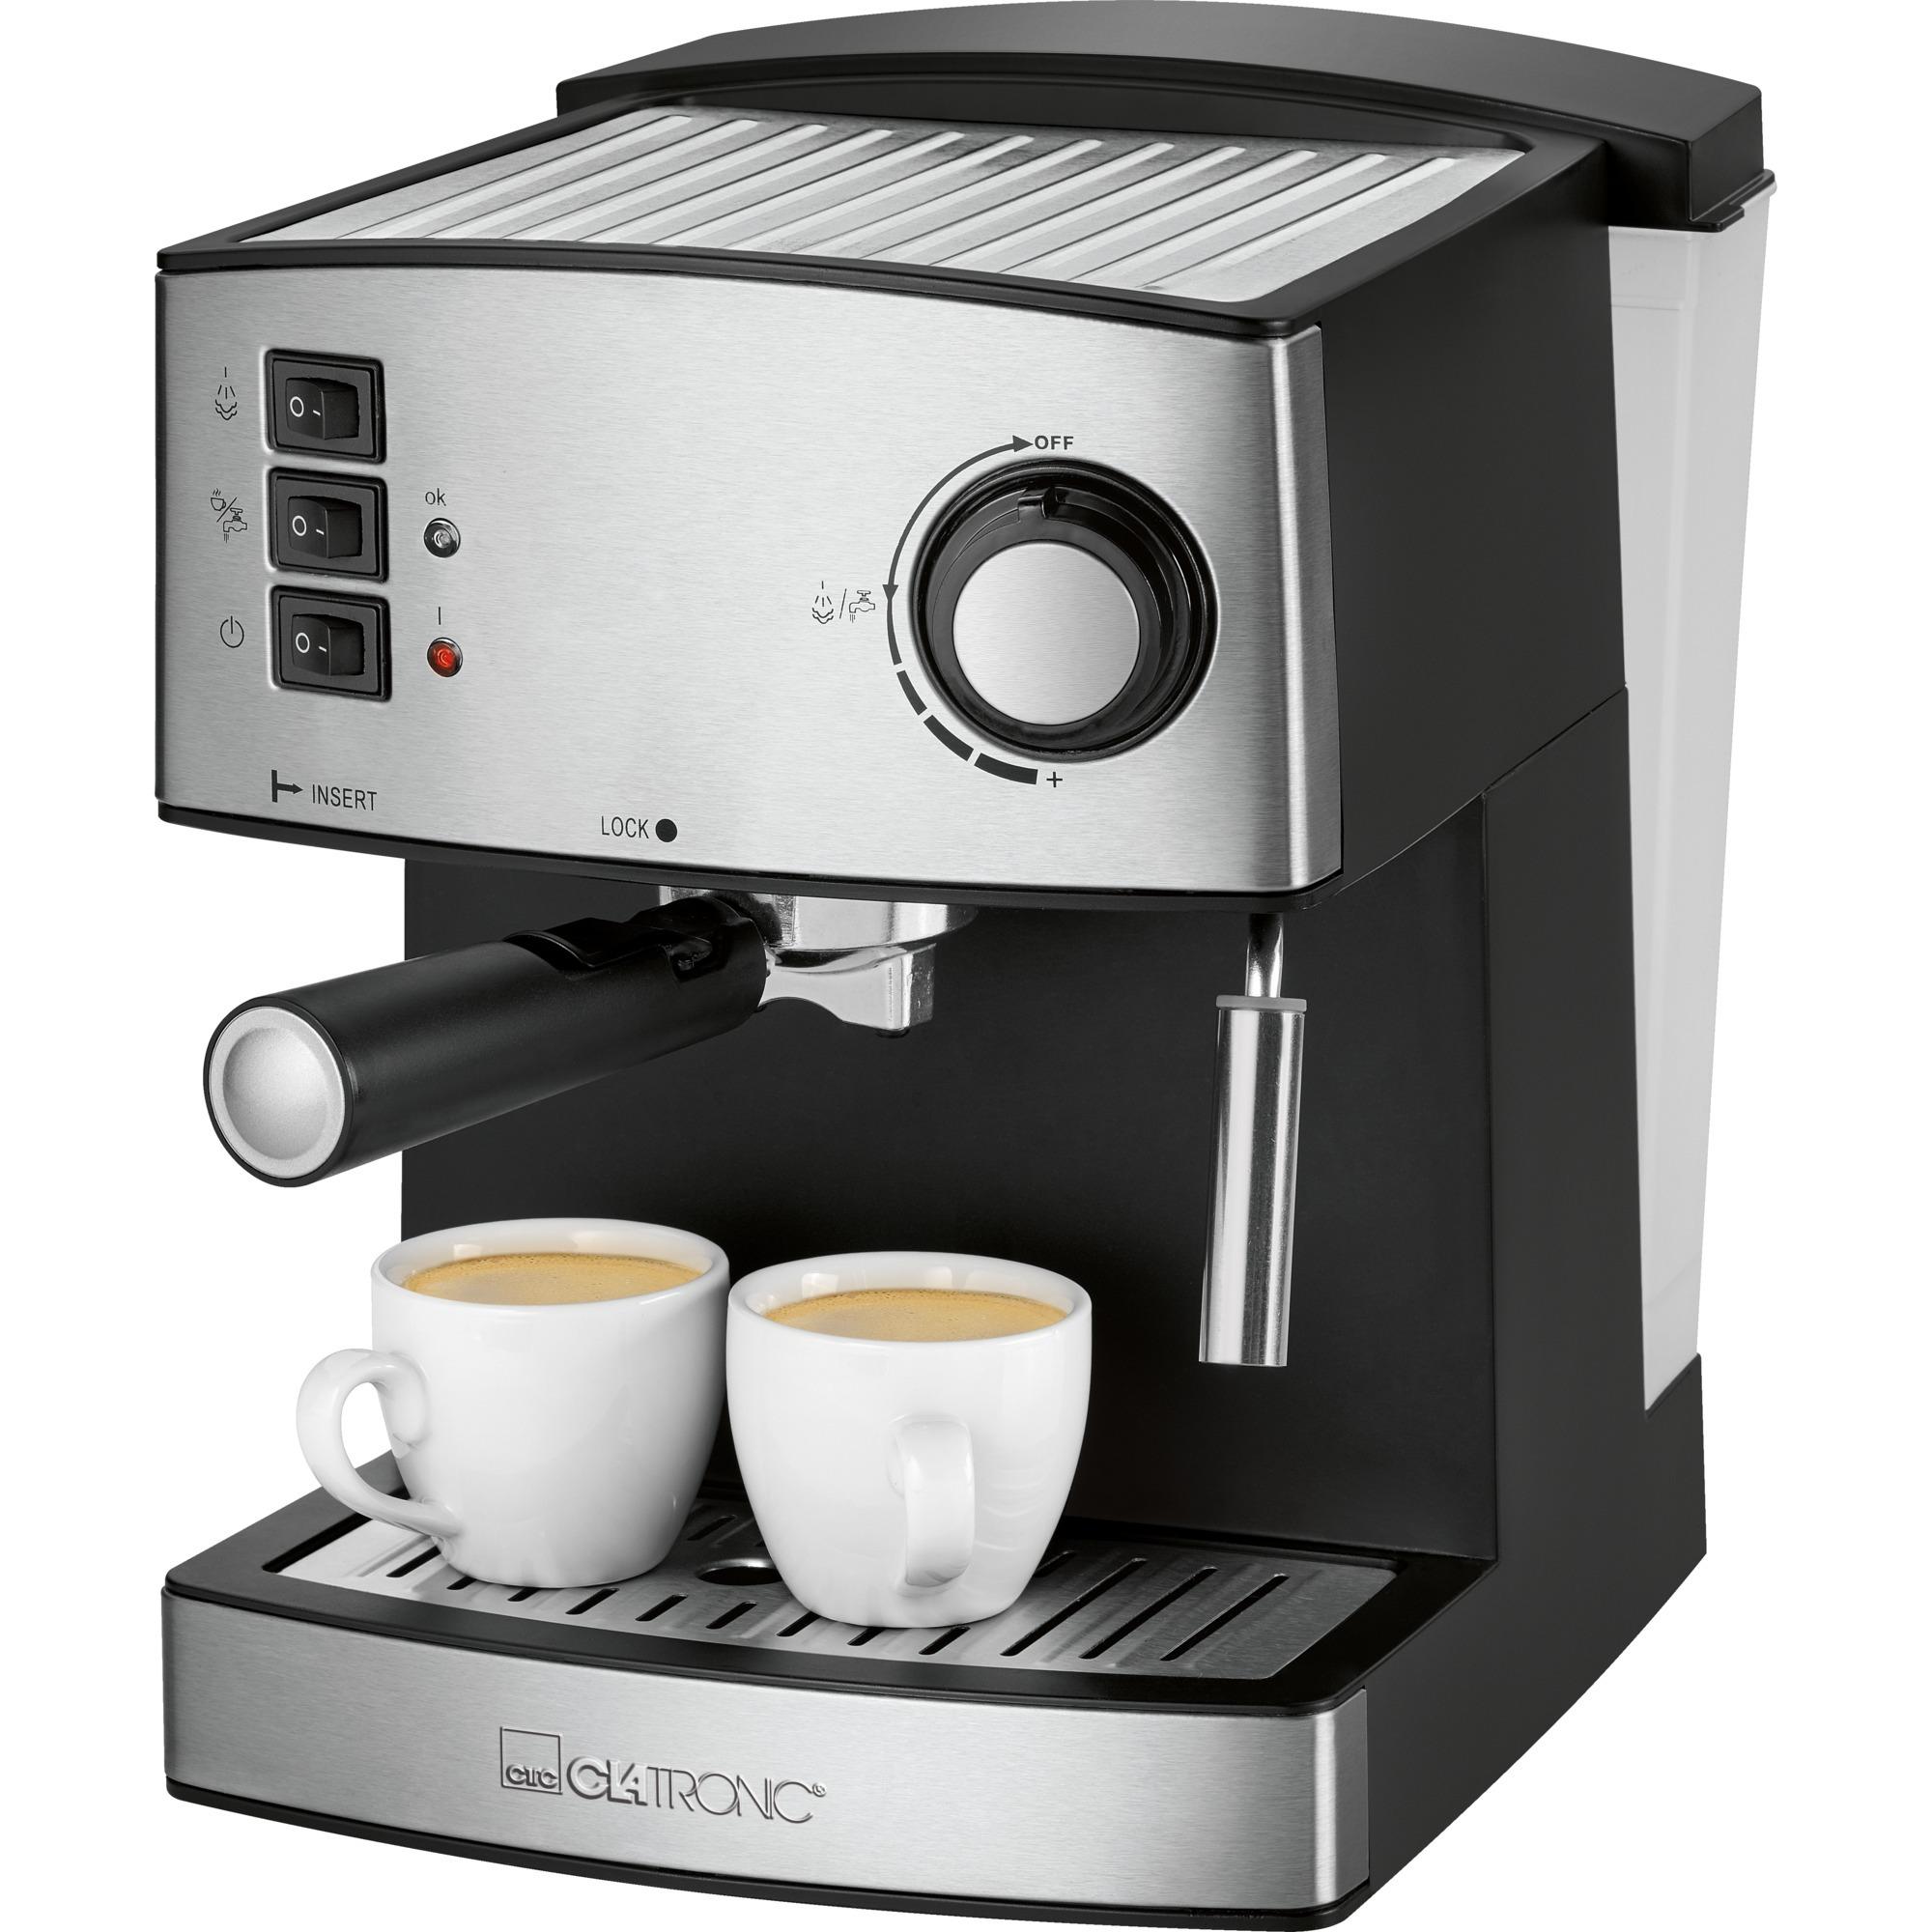 ES 3643 Independiente Máquina espresso 1.6L 2tazas Negro, Acero inoxidable, Cafetera espresso